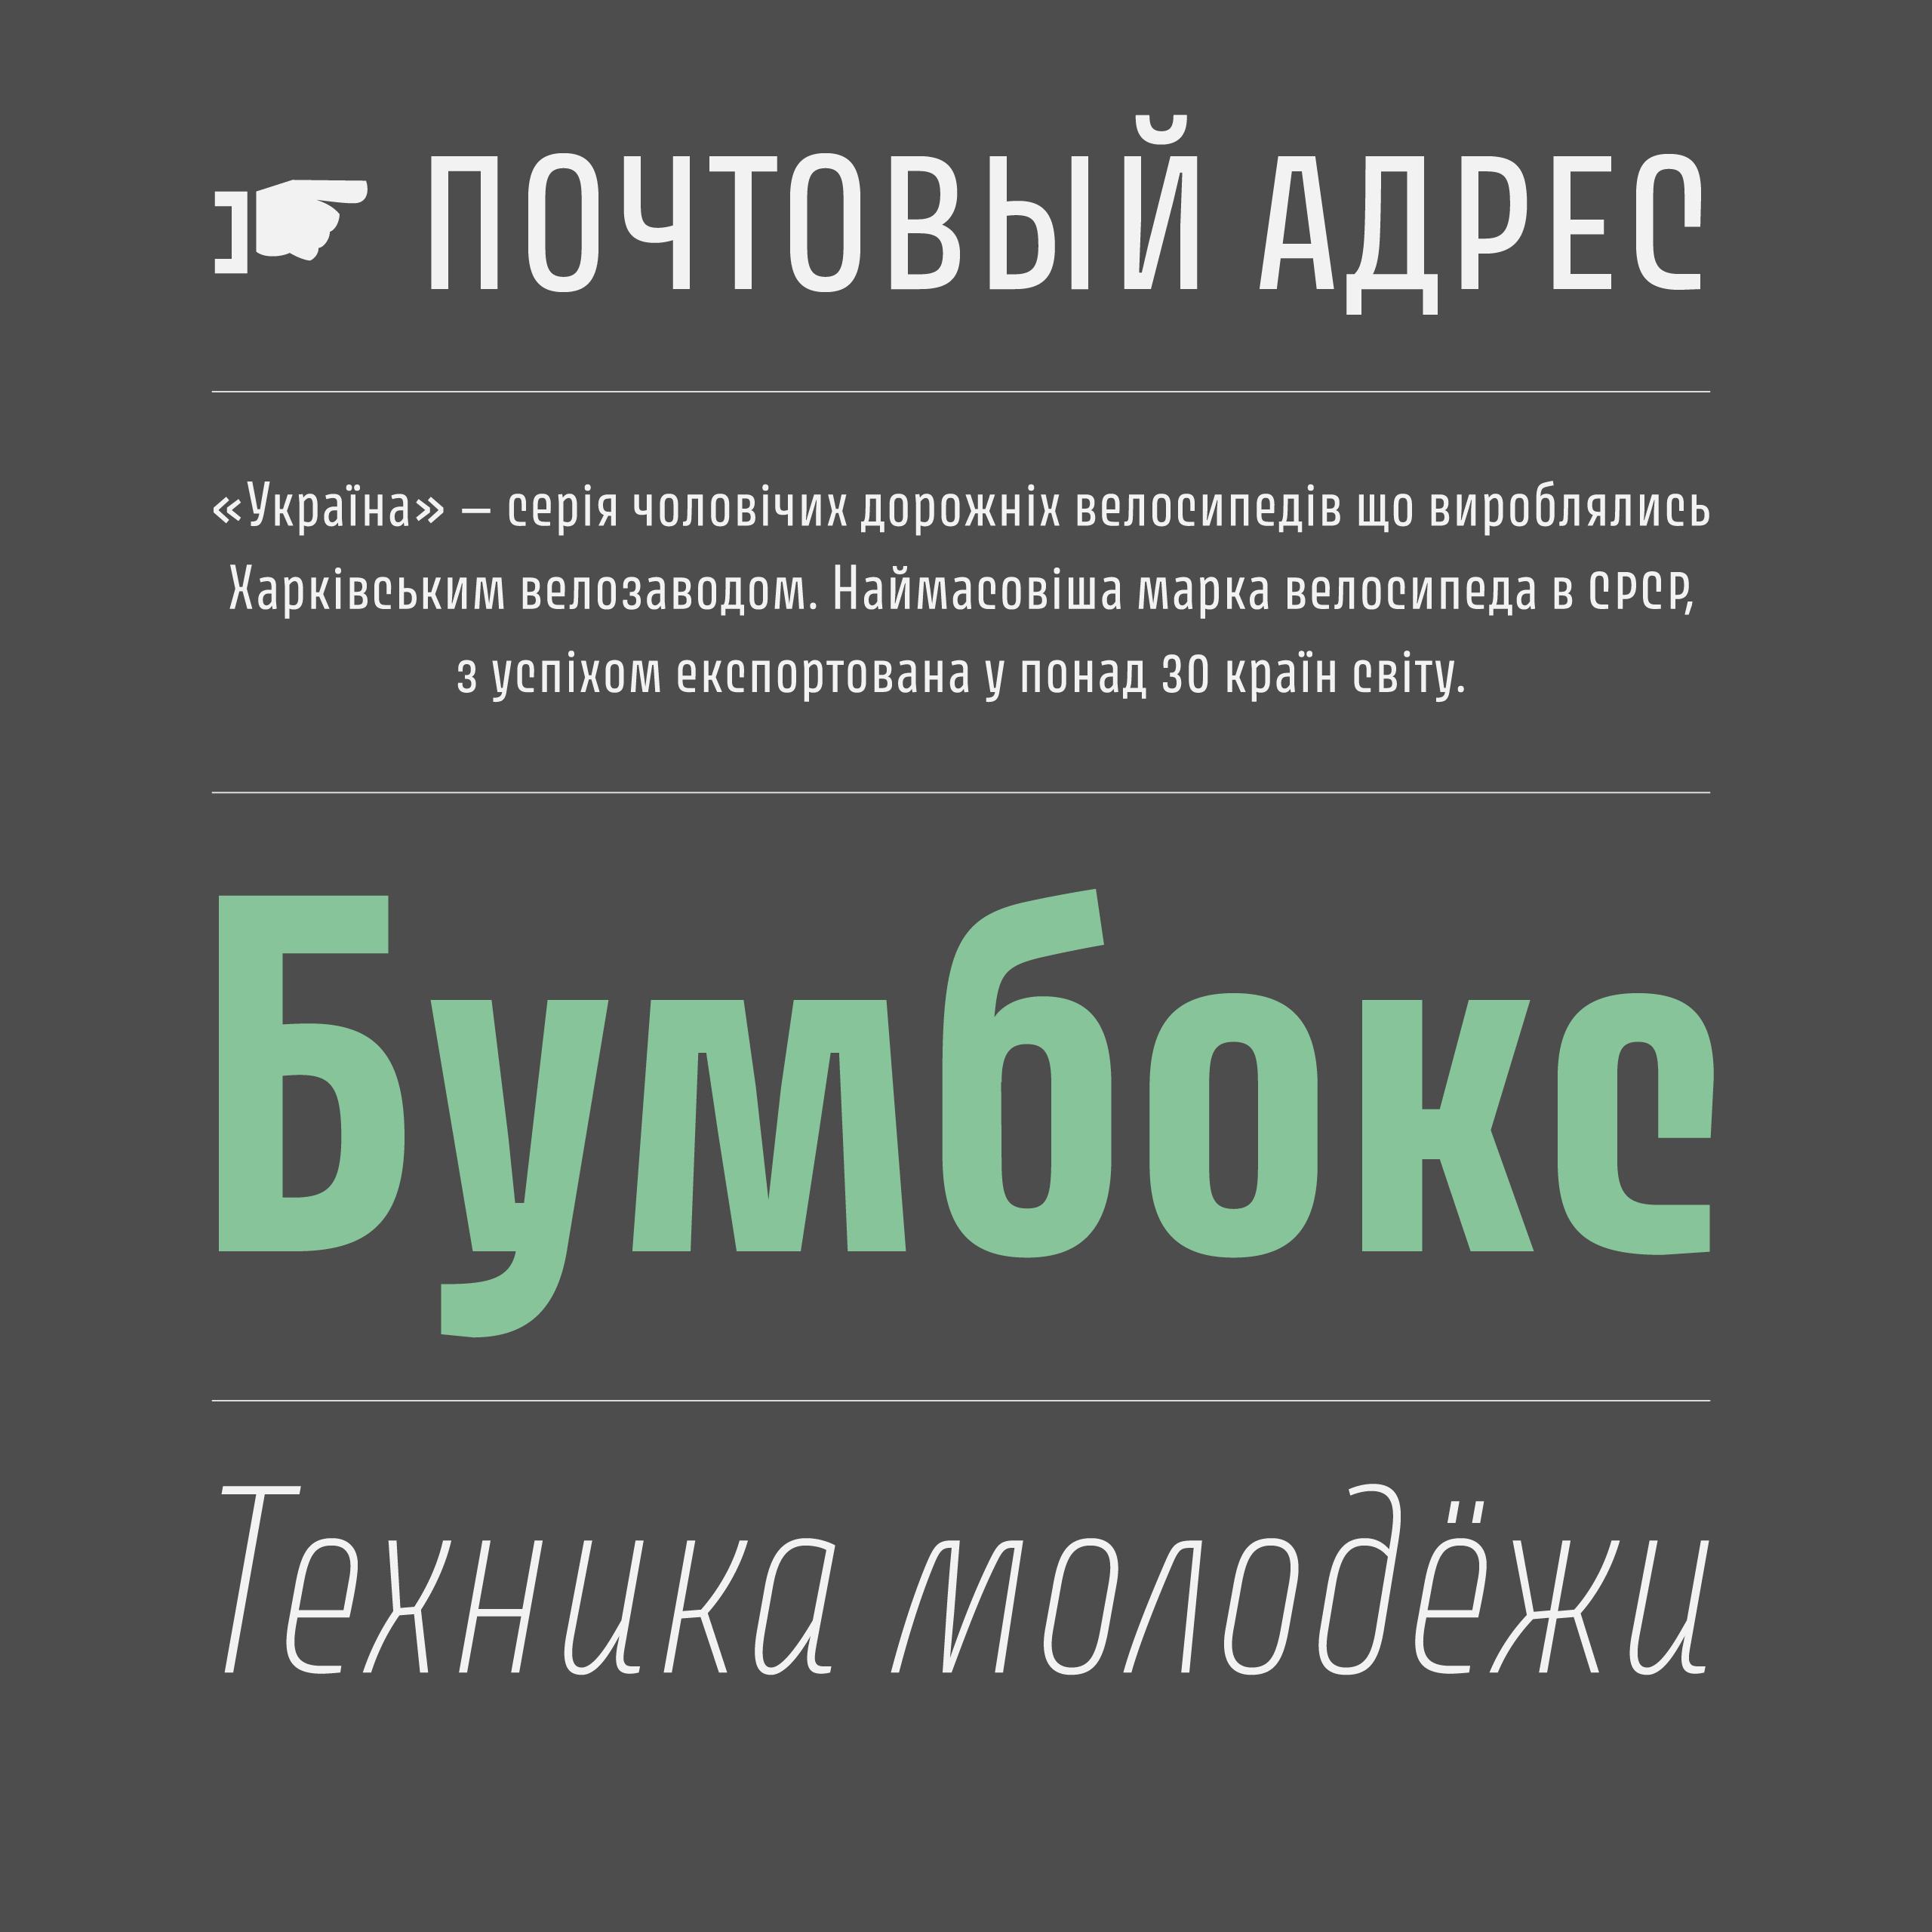 Avory_specimen_Cyrillic